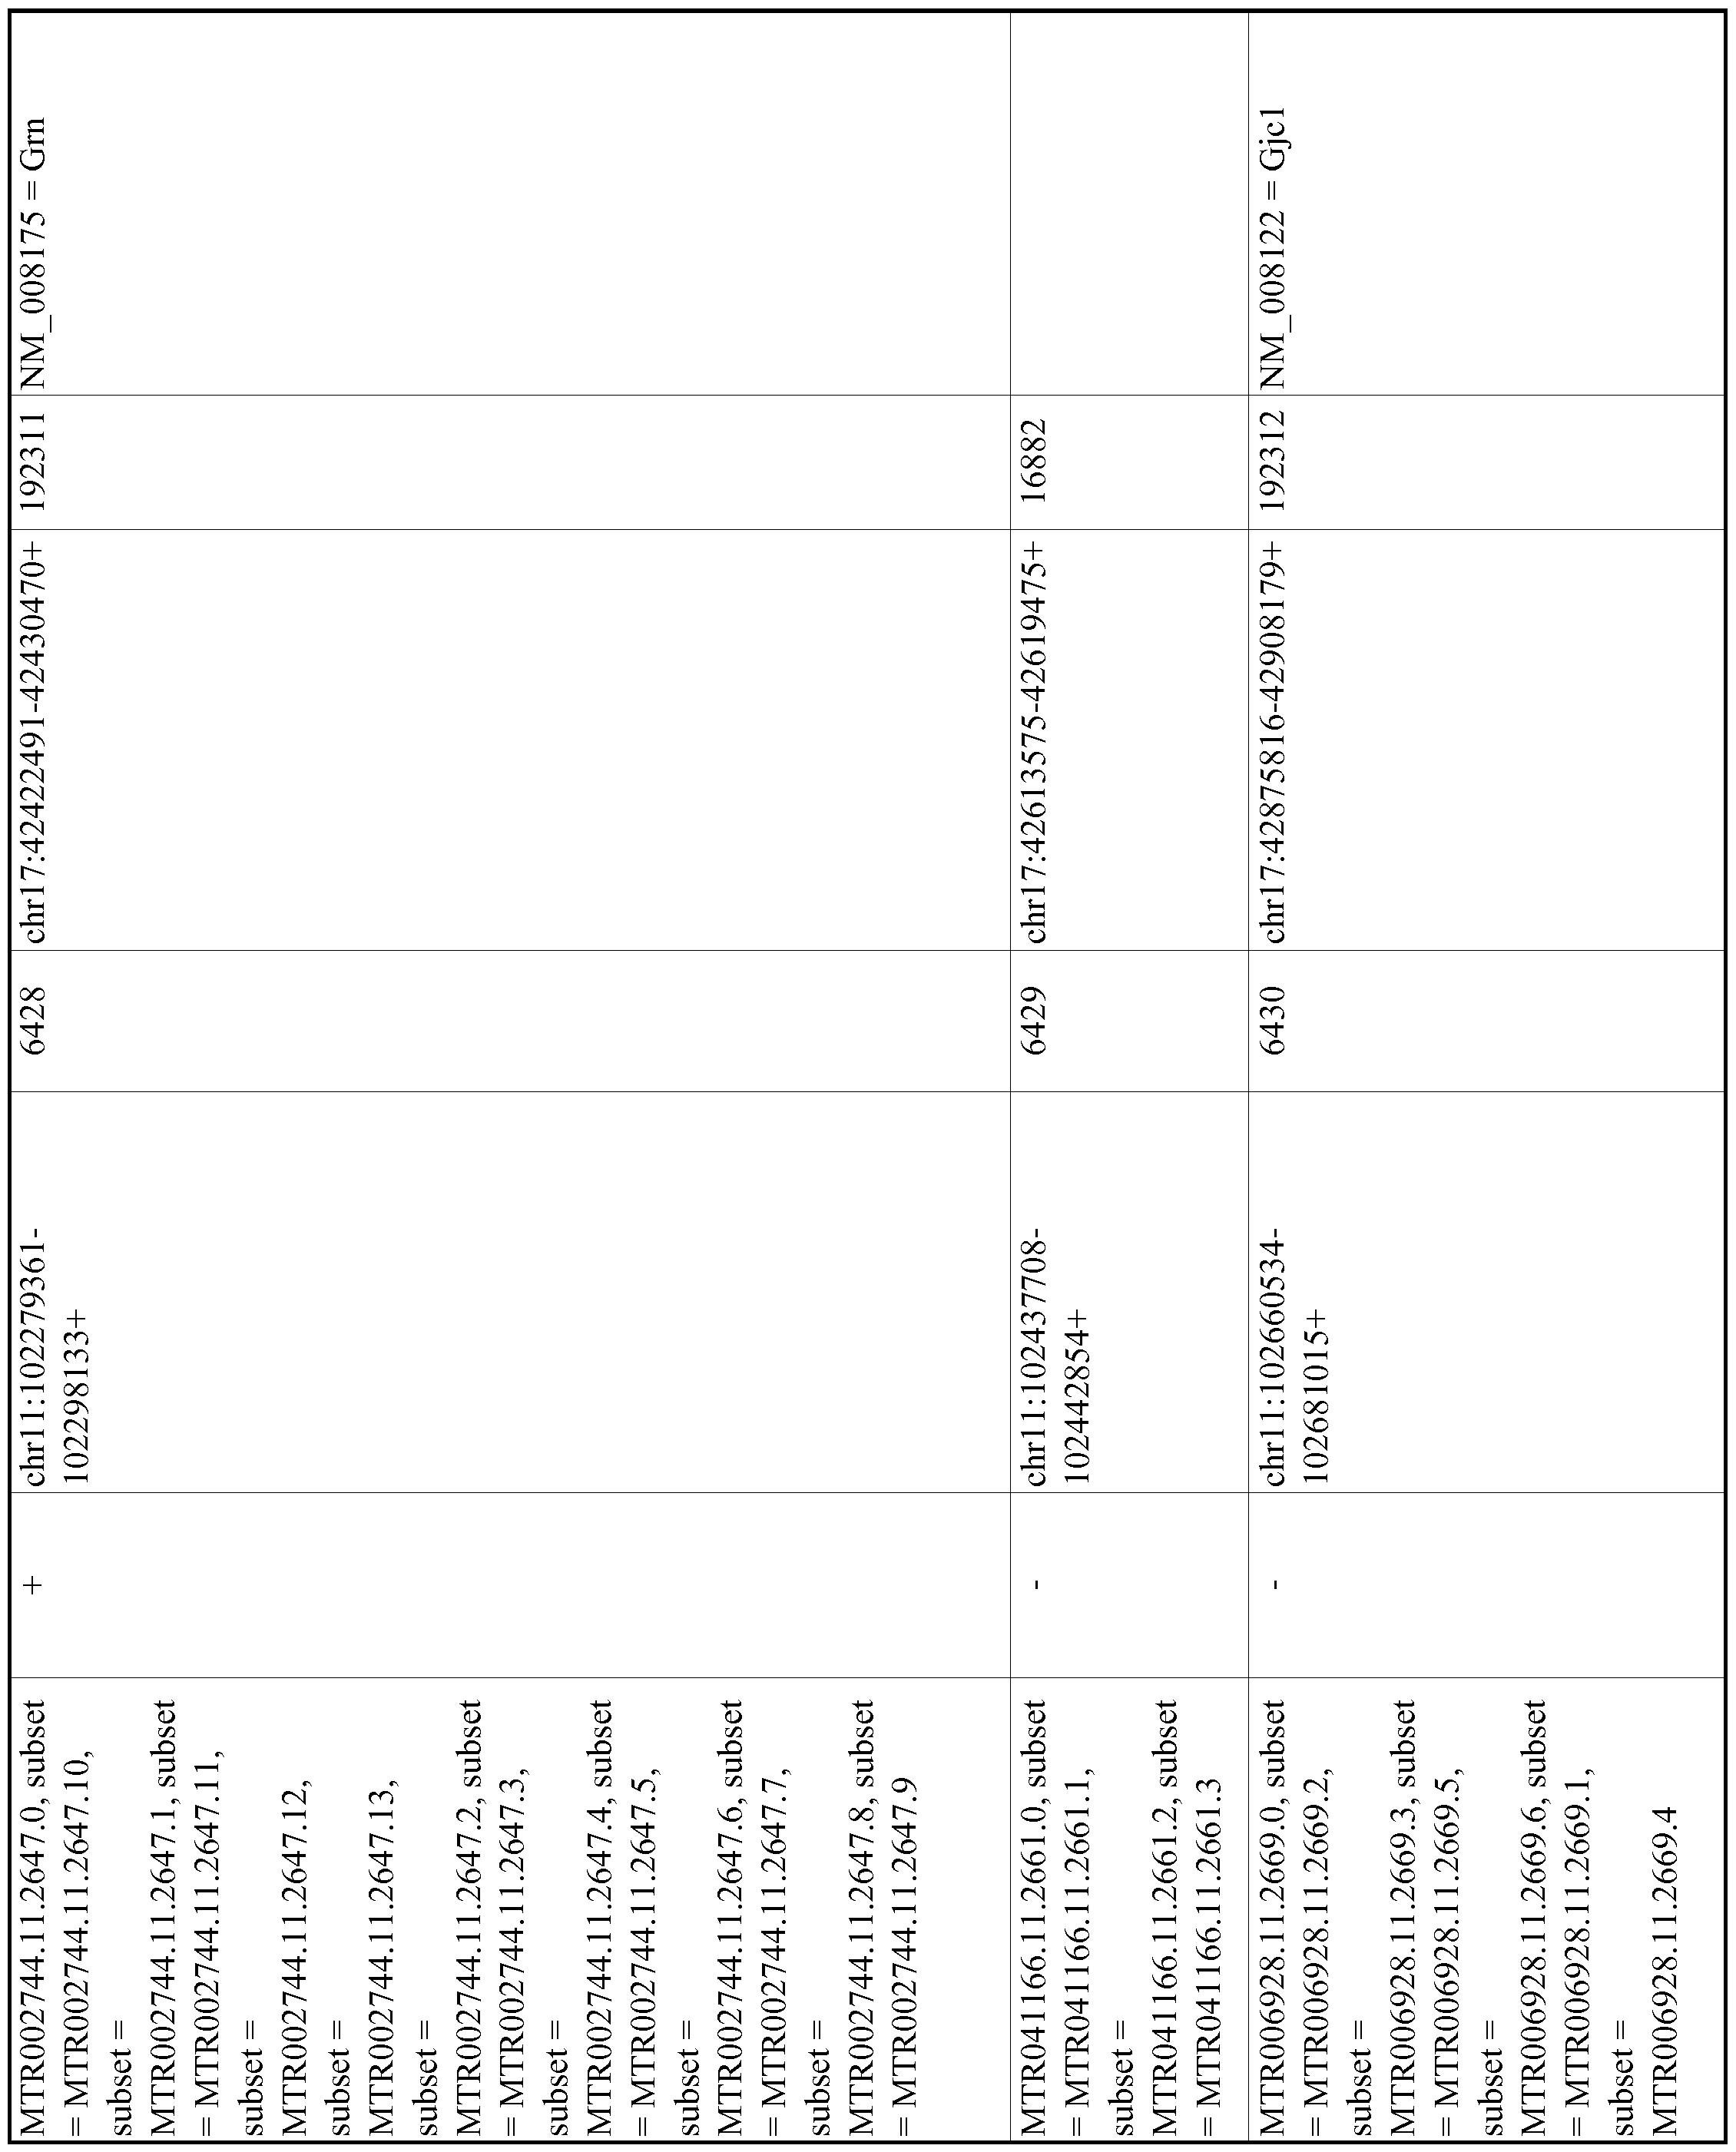 Figure imgf001154_0001